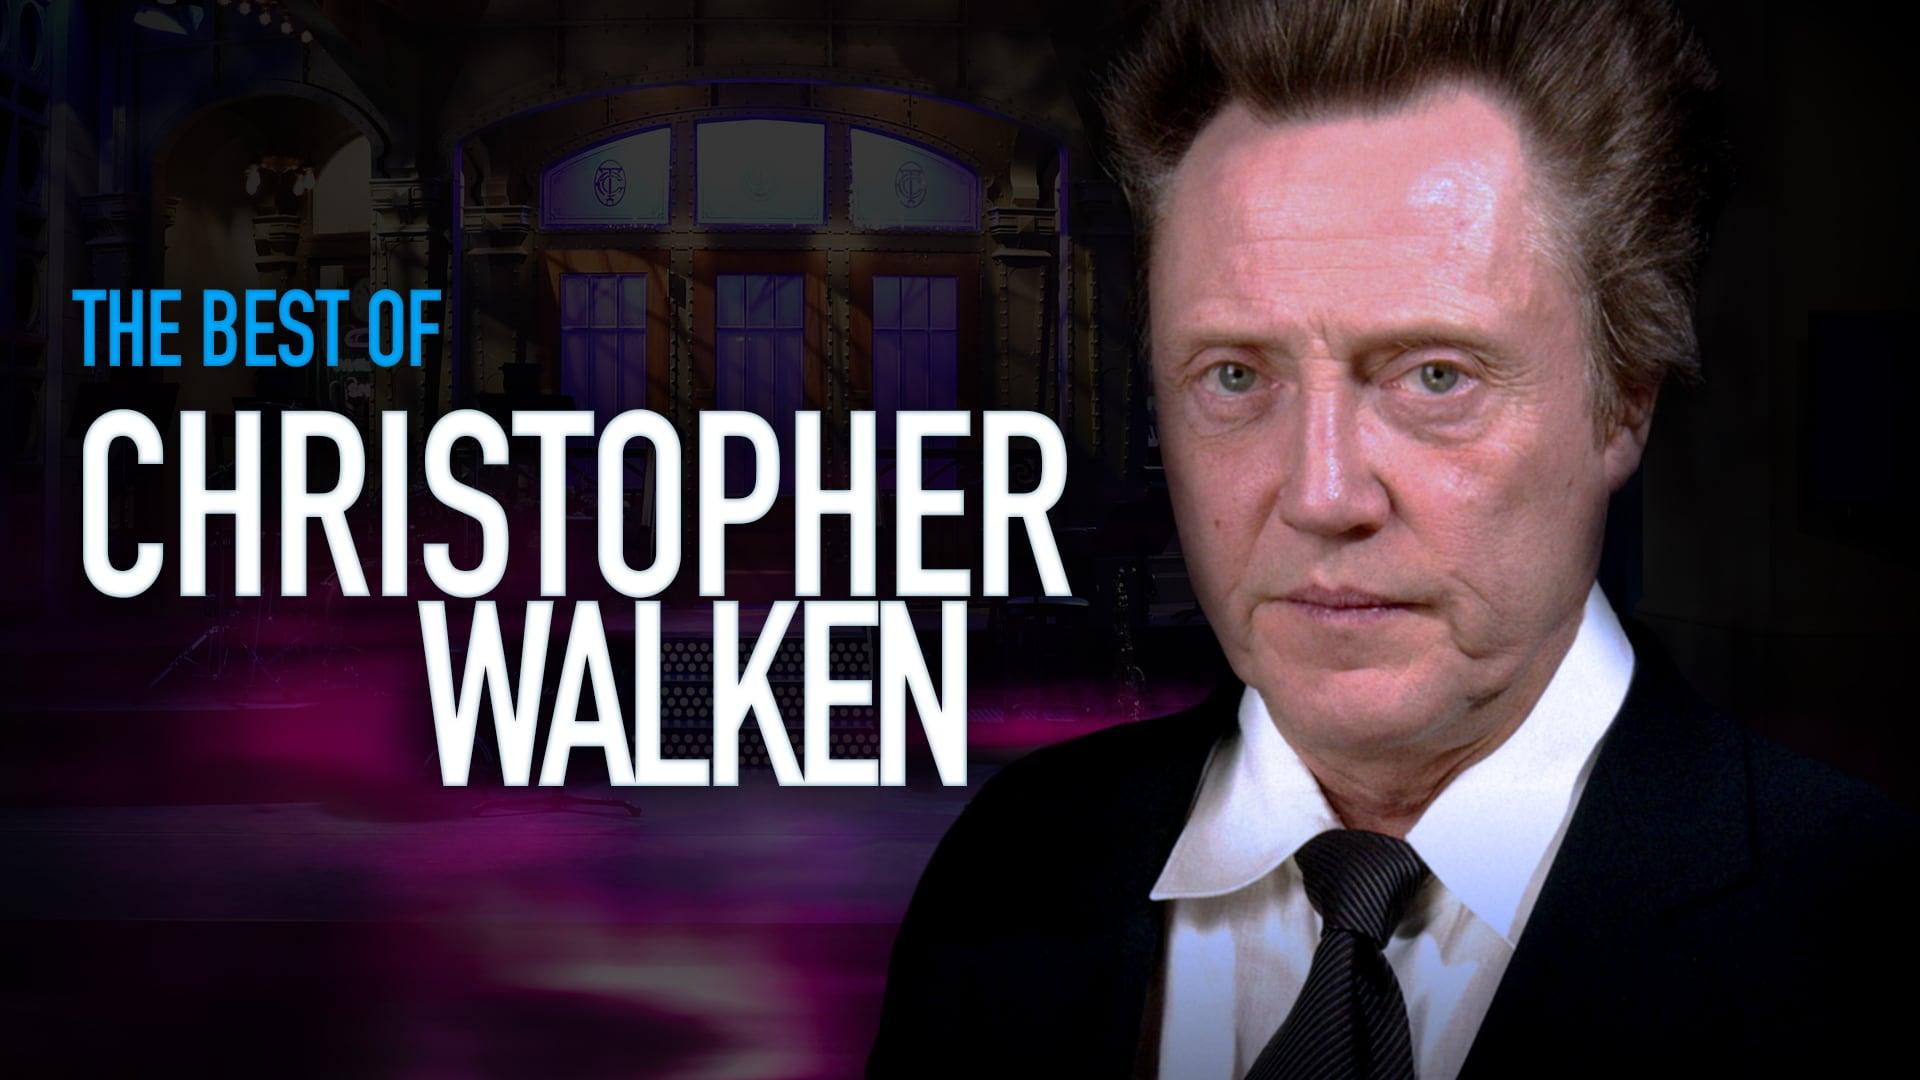 The Best of Christopher Walken